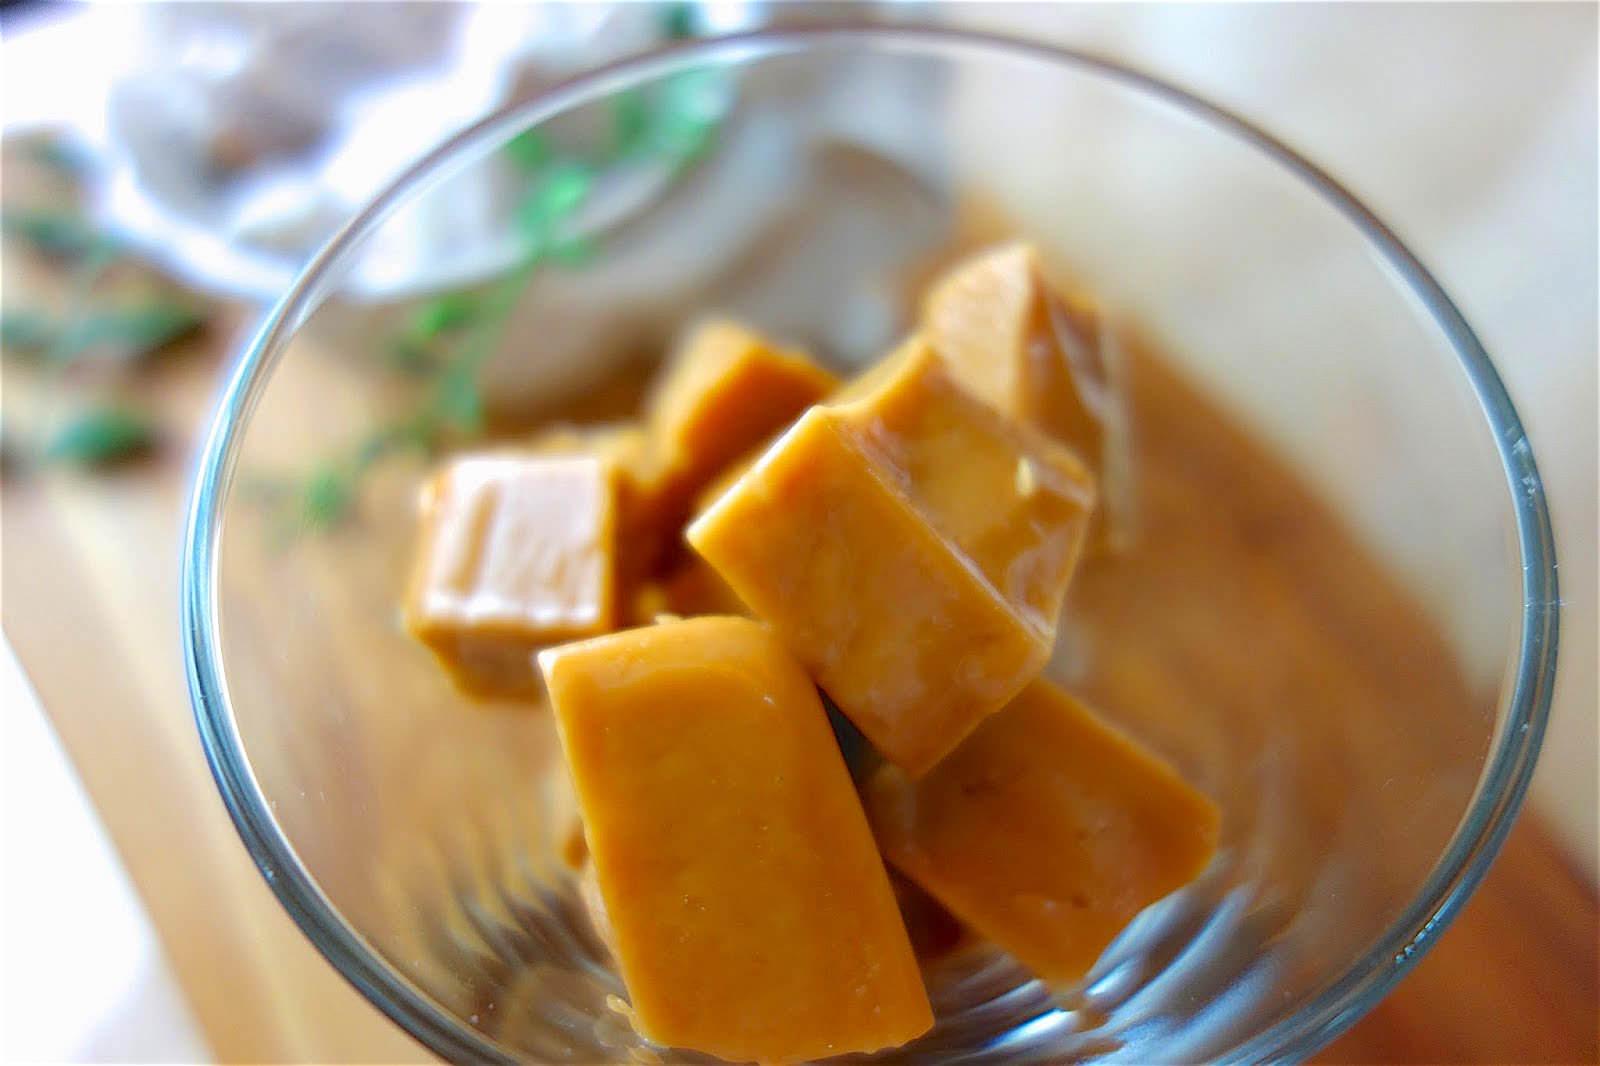 「自己做手工懷舊感牛奶糖」奶香味十足的口感, 3 種食材就能完成!